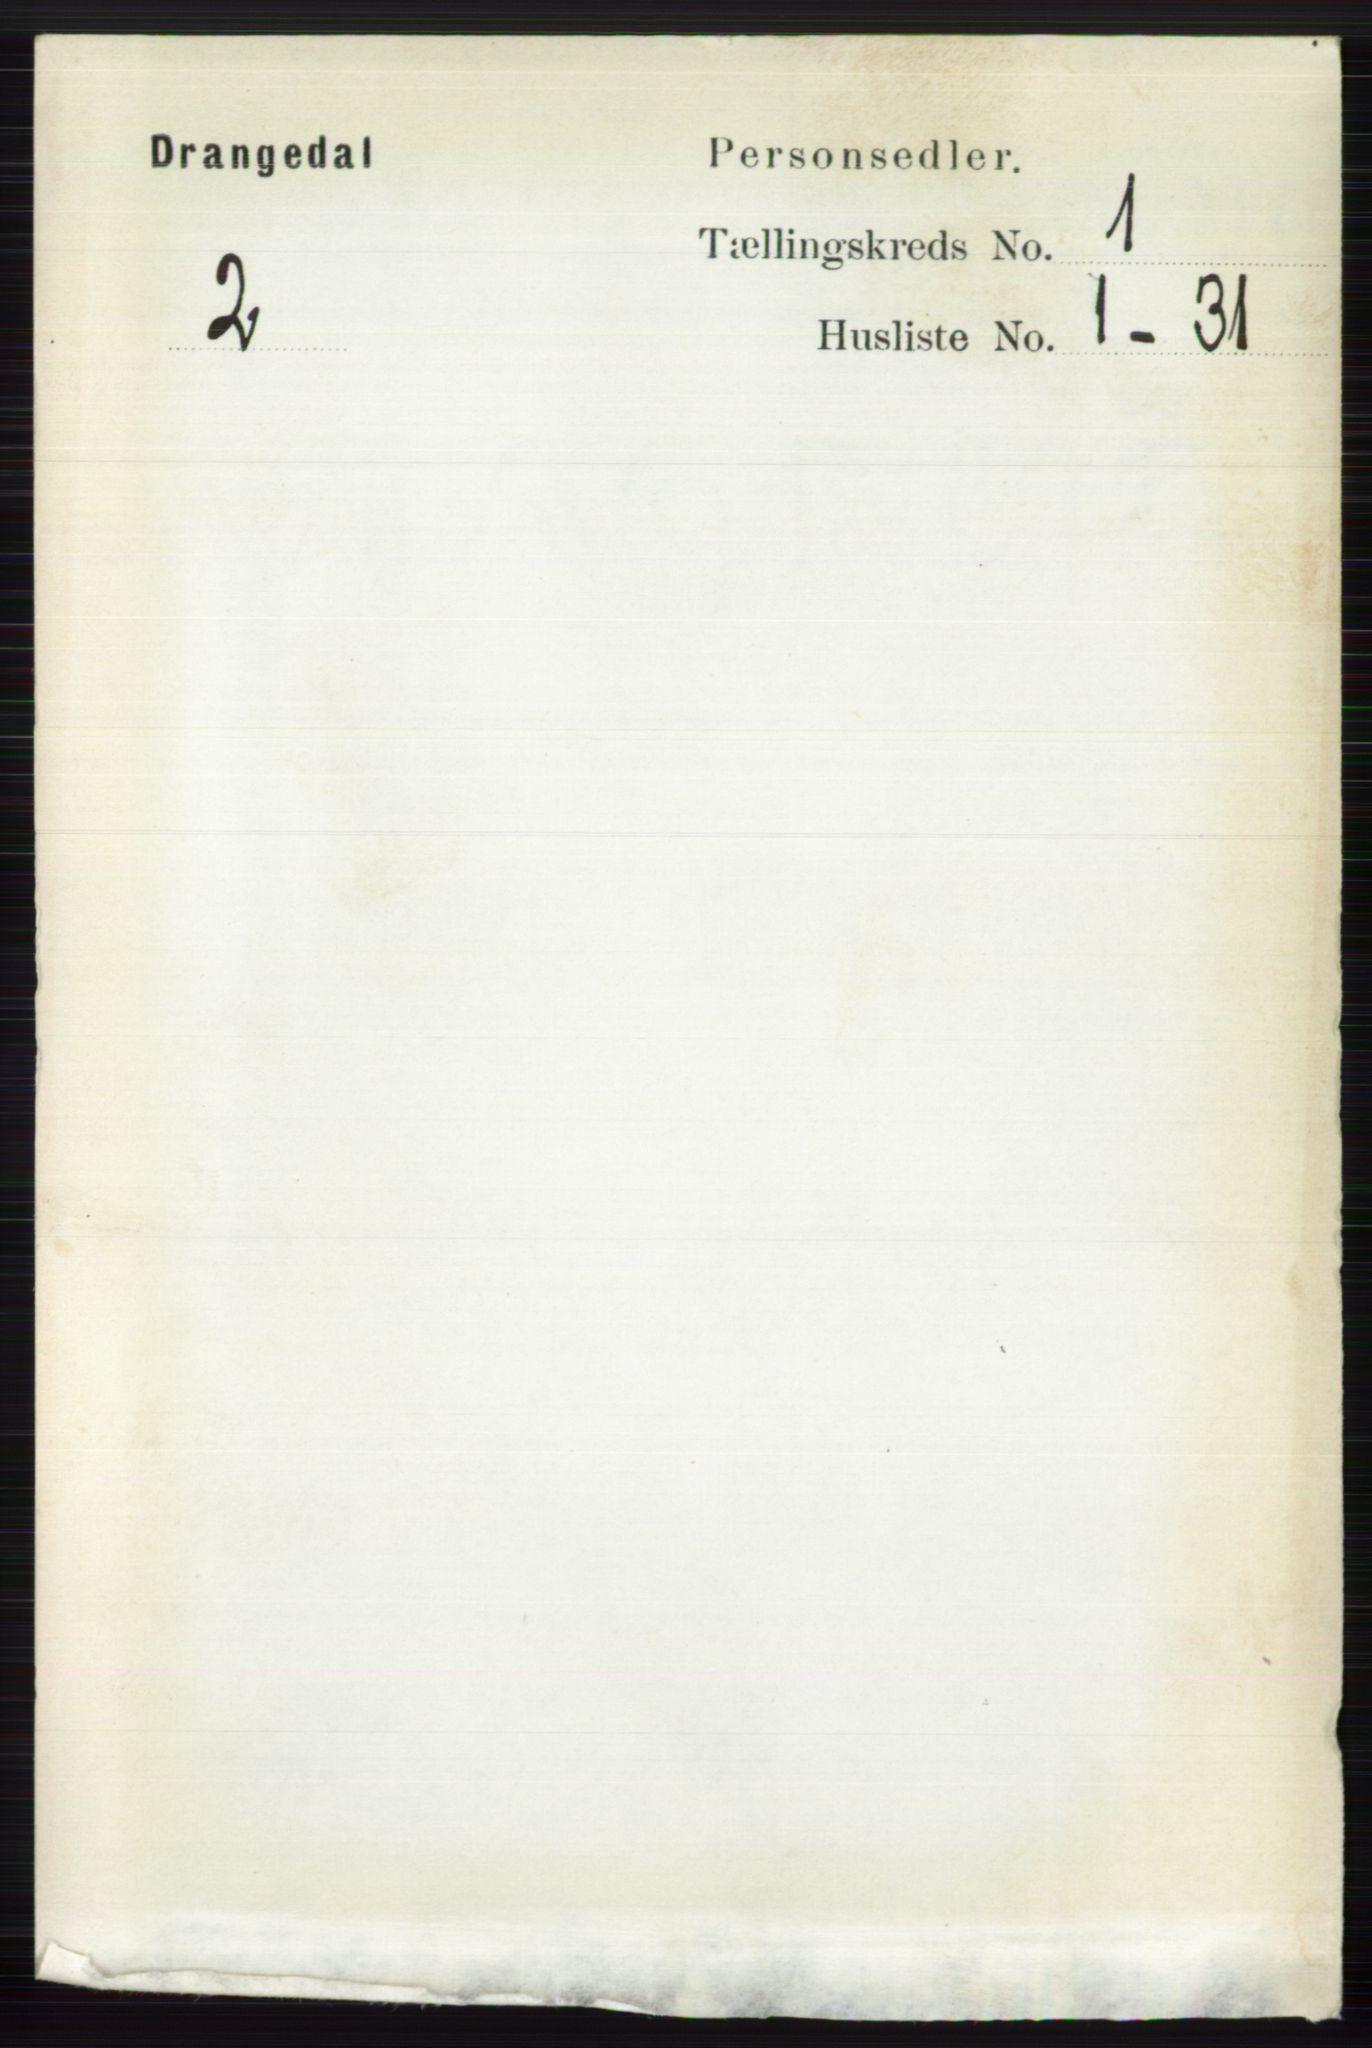 RA, Folketelling 1891 for 0817 Drangedal herred, 1891, s. 89